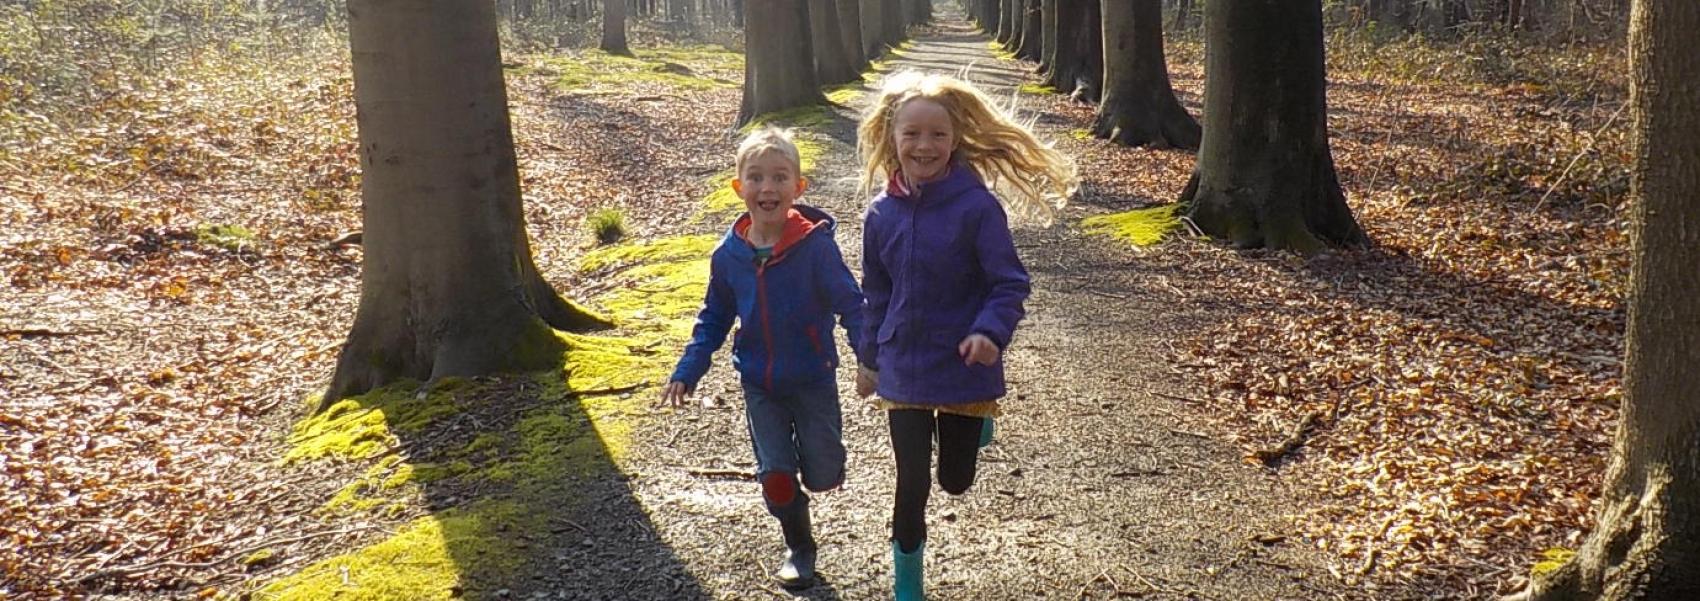 2 kinderen lopen in een dreef van het bos